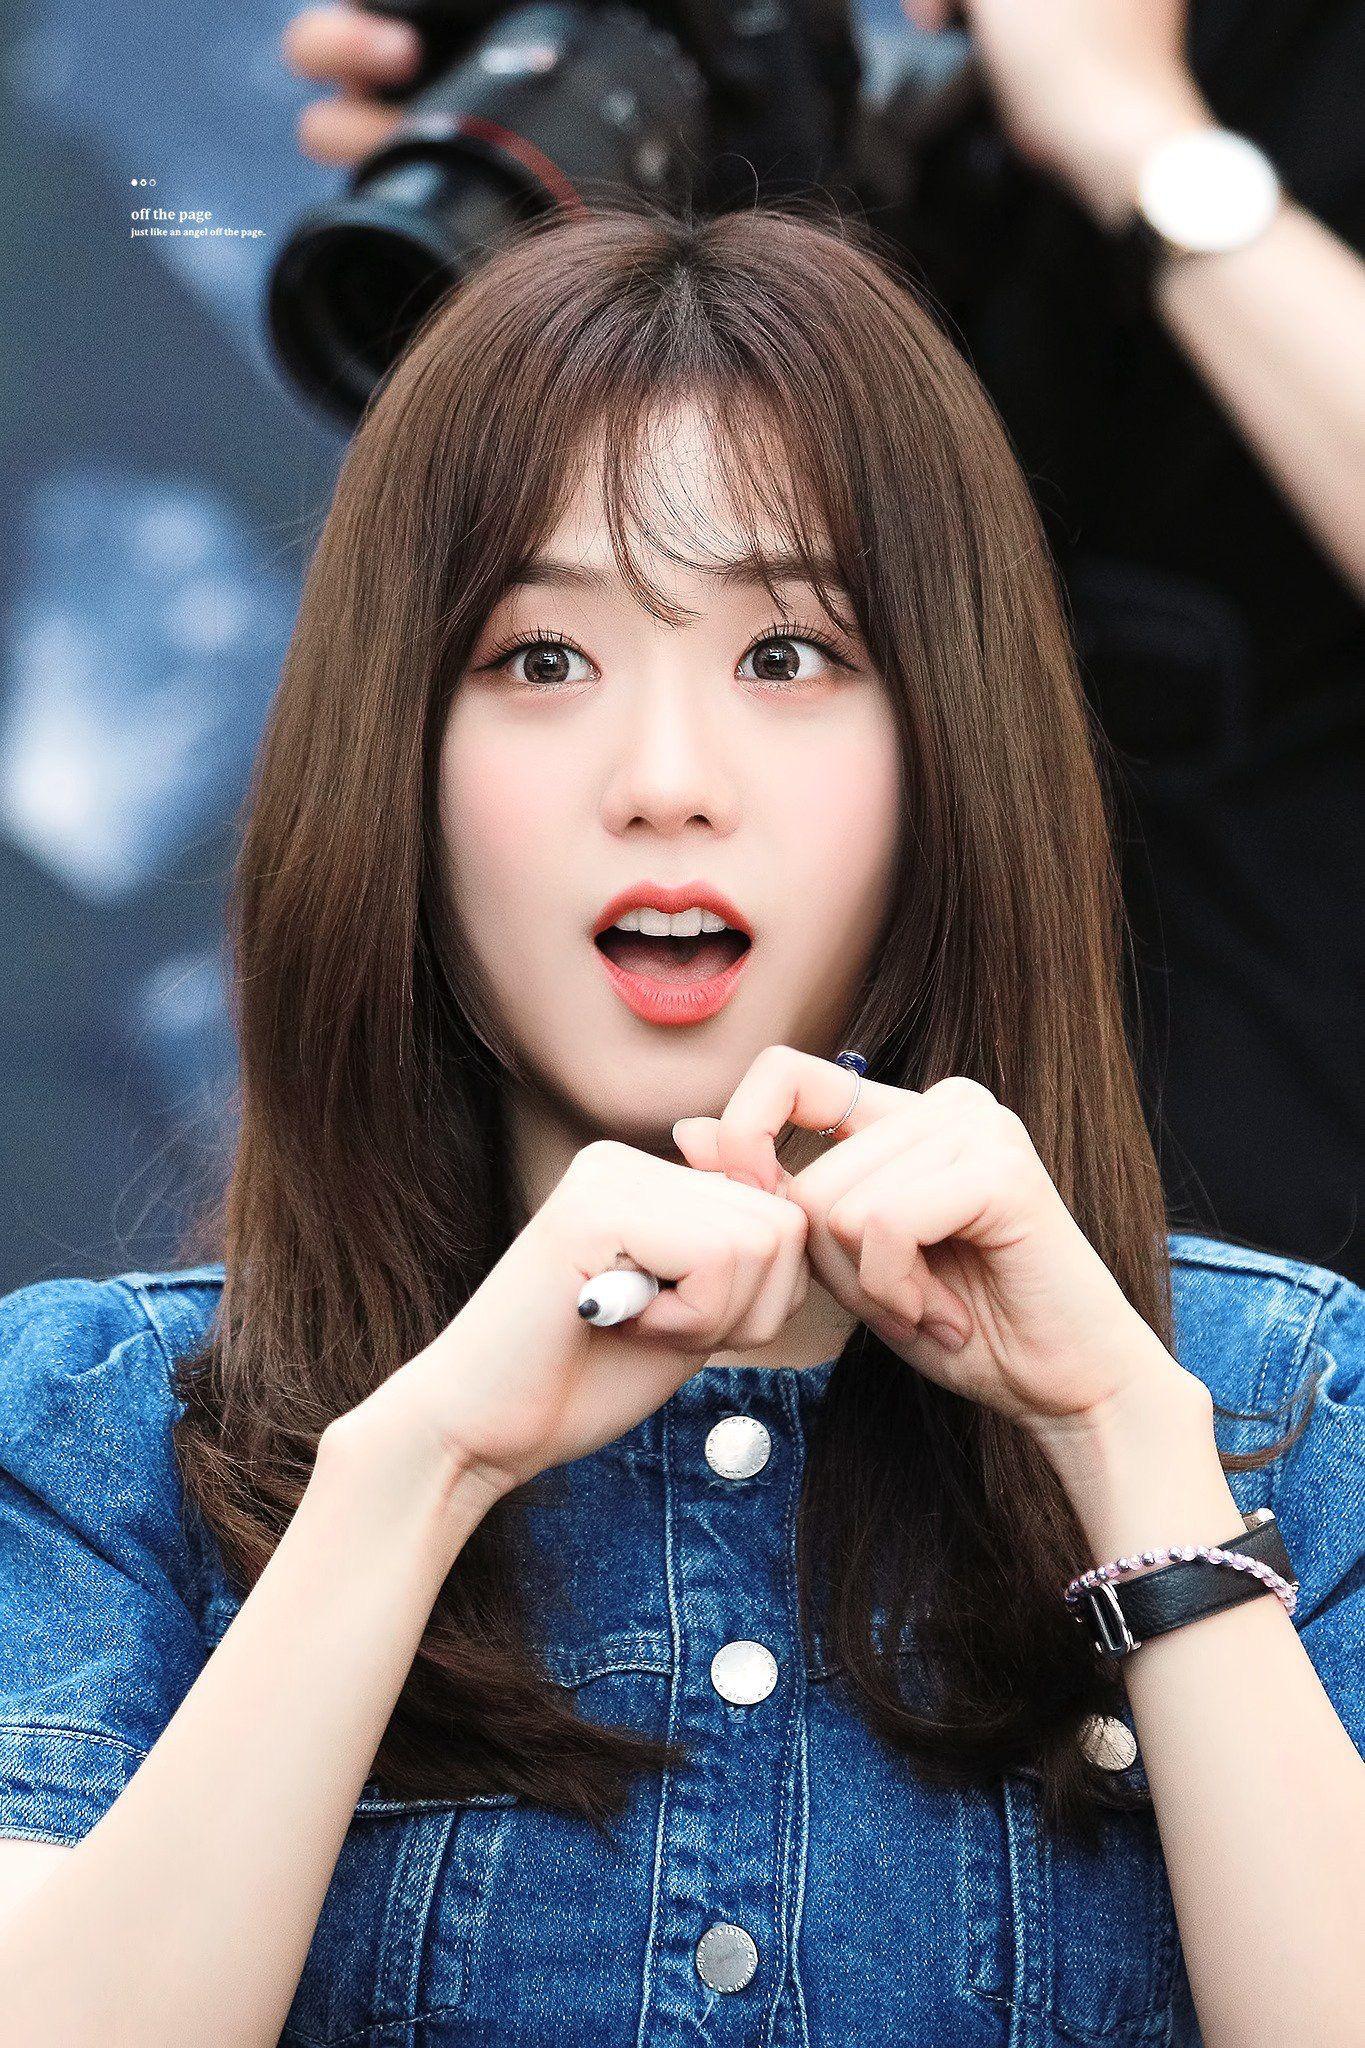 Nhiều người chê Jisoo xinh mà nhạt nhưng nếu cô thật sự để kiểu tóc này thì dân tình sẽ phải câm nín vì quá chất - Ảnh 3.